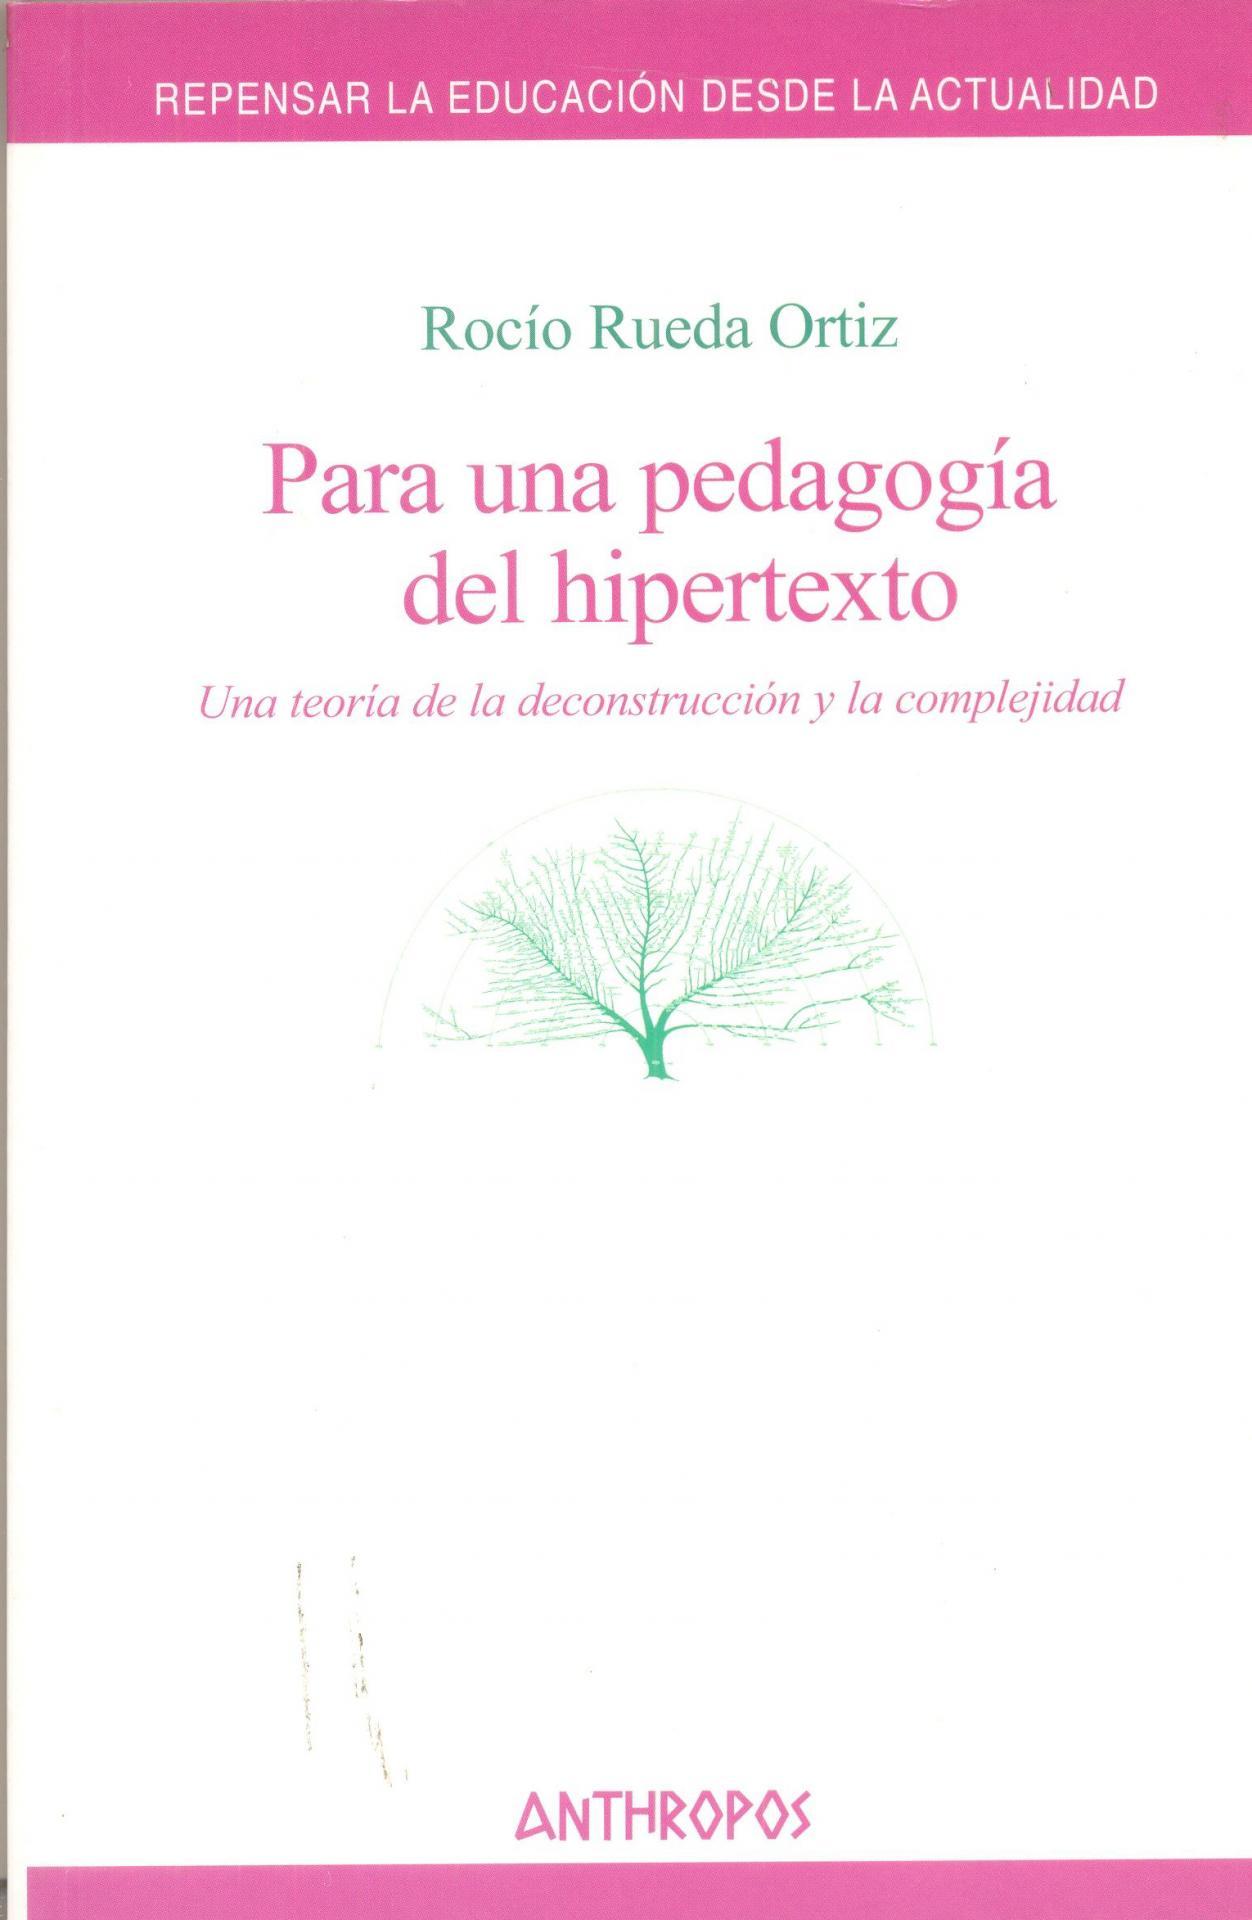 PARA UNA PEDAGOGÍA DEL HIPERTEXTO. Una teoría de la deconstrucción y la complejidad. Rueda, R.